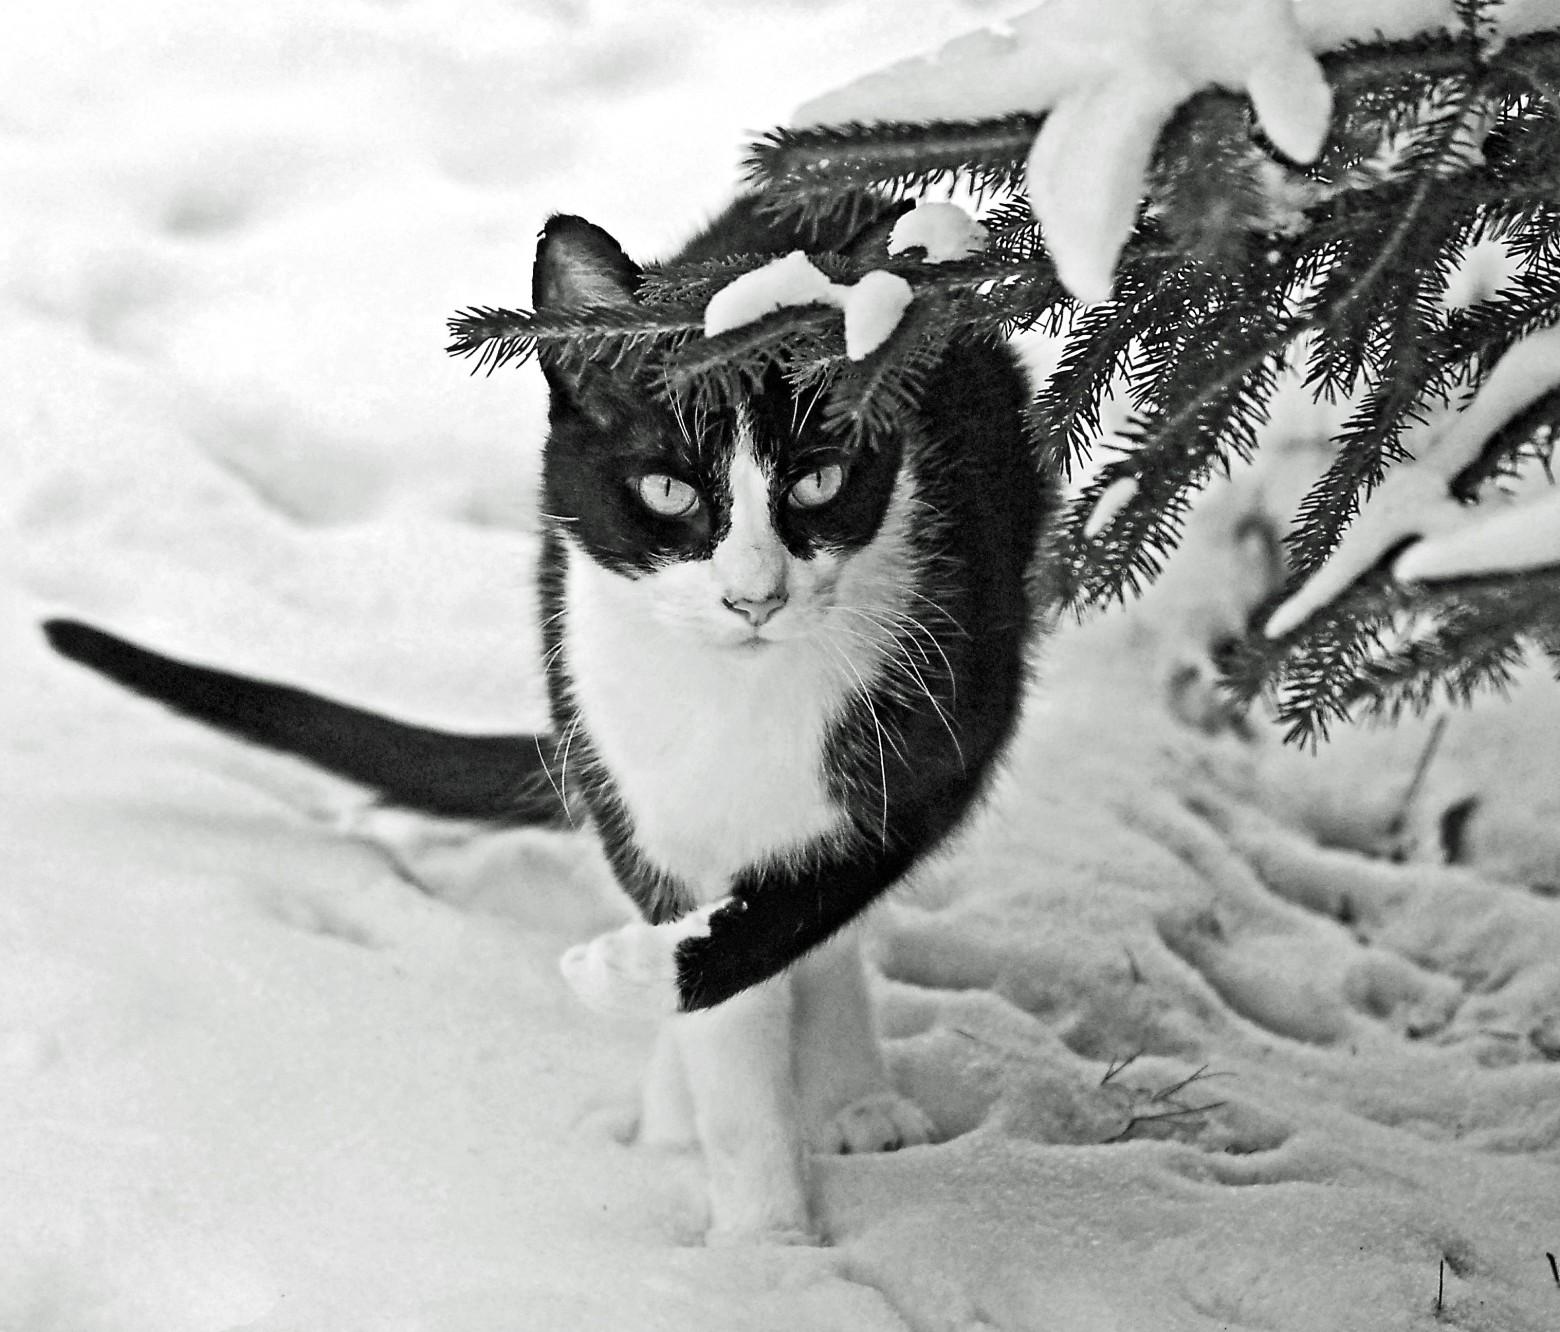 Chat hiver neige photos gratuites images gratuites et - Photos de neige gratuites ...